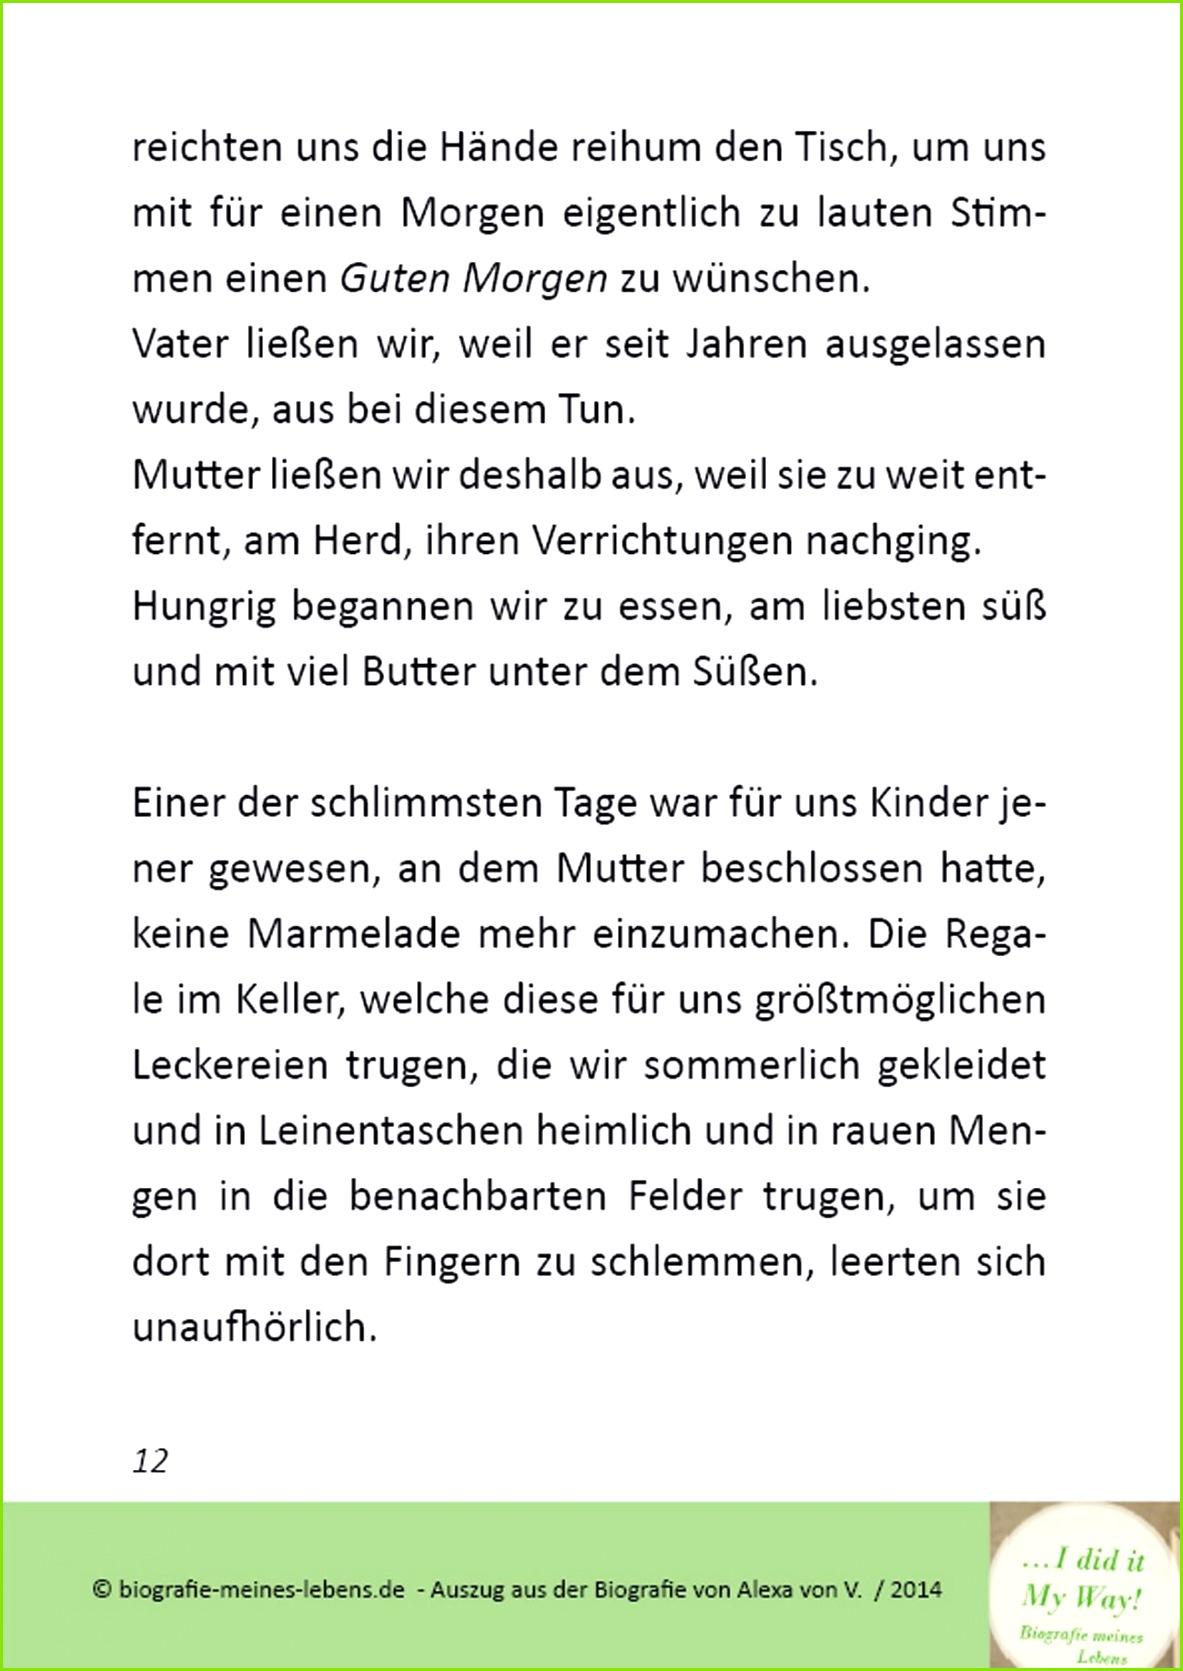 Biografie Schreiben Muster creativetechnologies Ausgezeichnet Lernen Vorlagen Zu Schreiben Galerie – Biographie Schreiben Muster